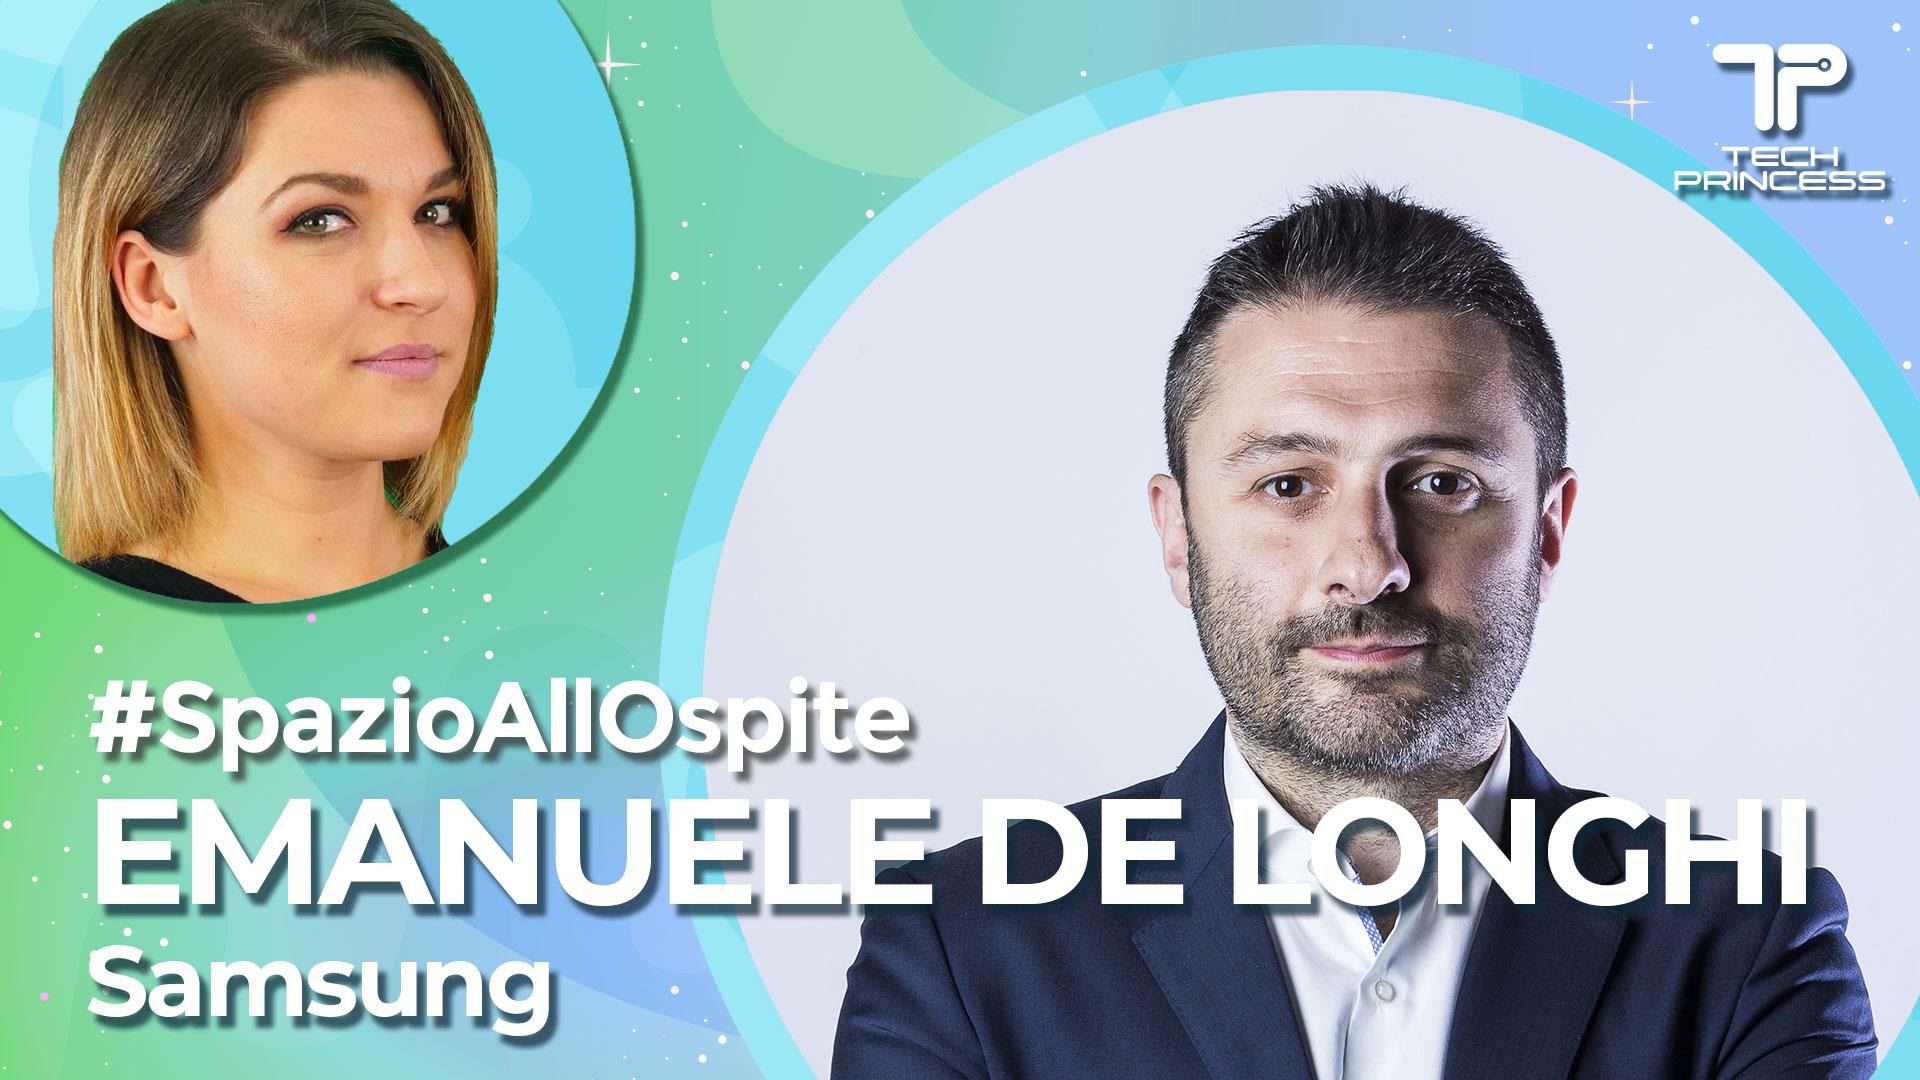 Emanuele De Longhi, Samsung: il futuro degli elettrodomestici connessi | Intervista in live #SpazioAllOspite thumbnail